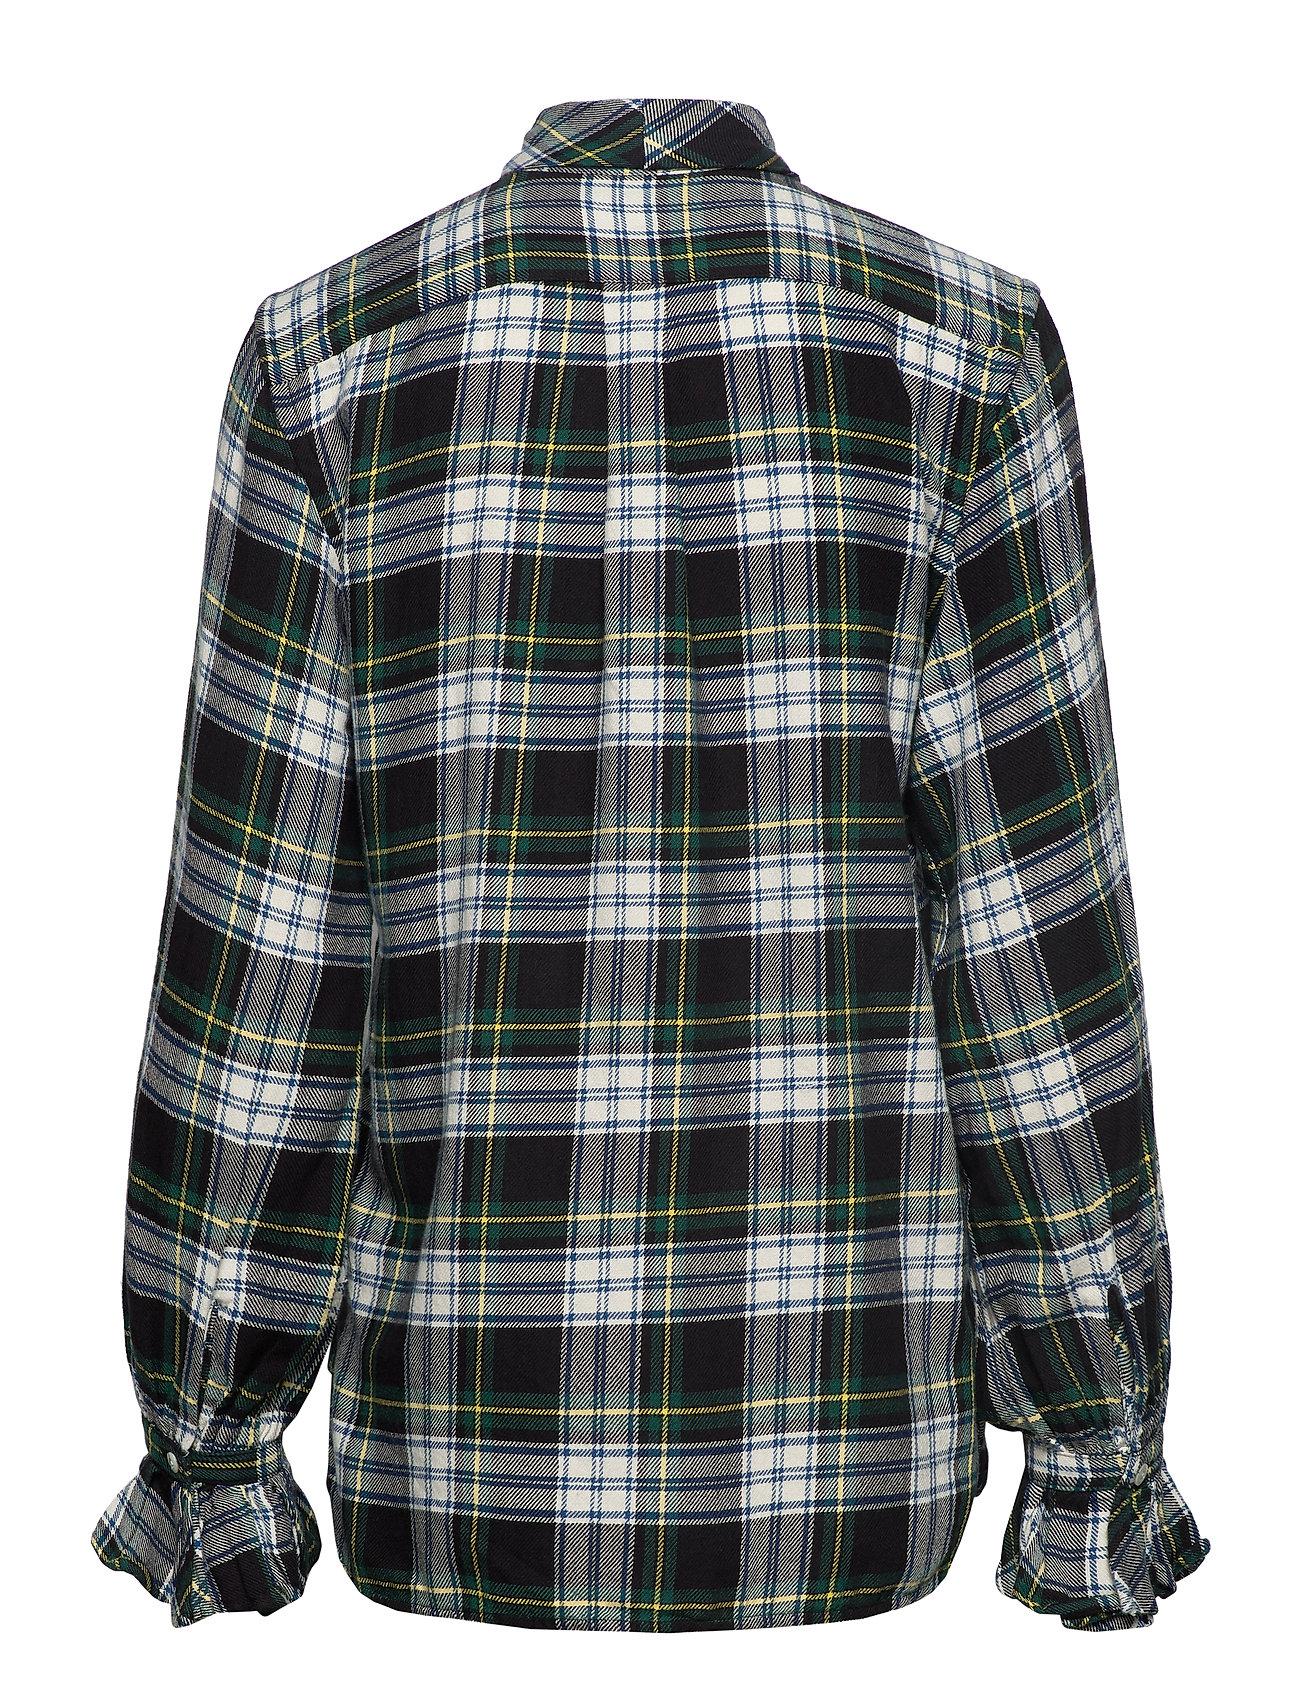 creamPolo Necktie Plaid Cotton Ralph Green Lauren Shirt406 dhsrtQ